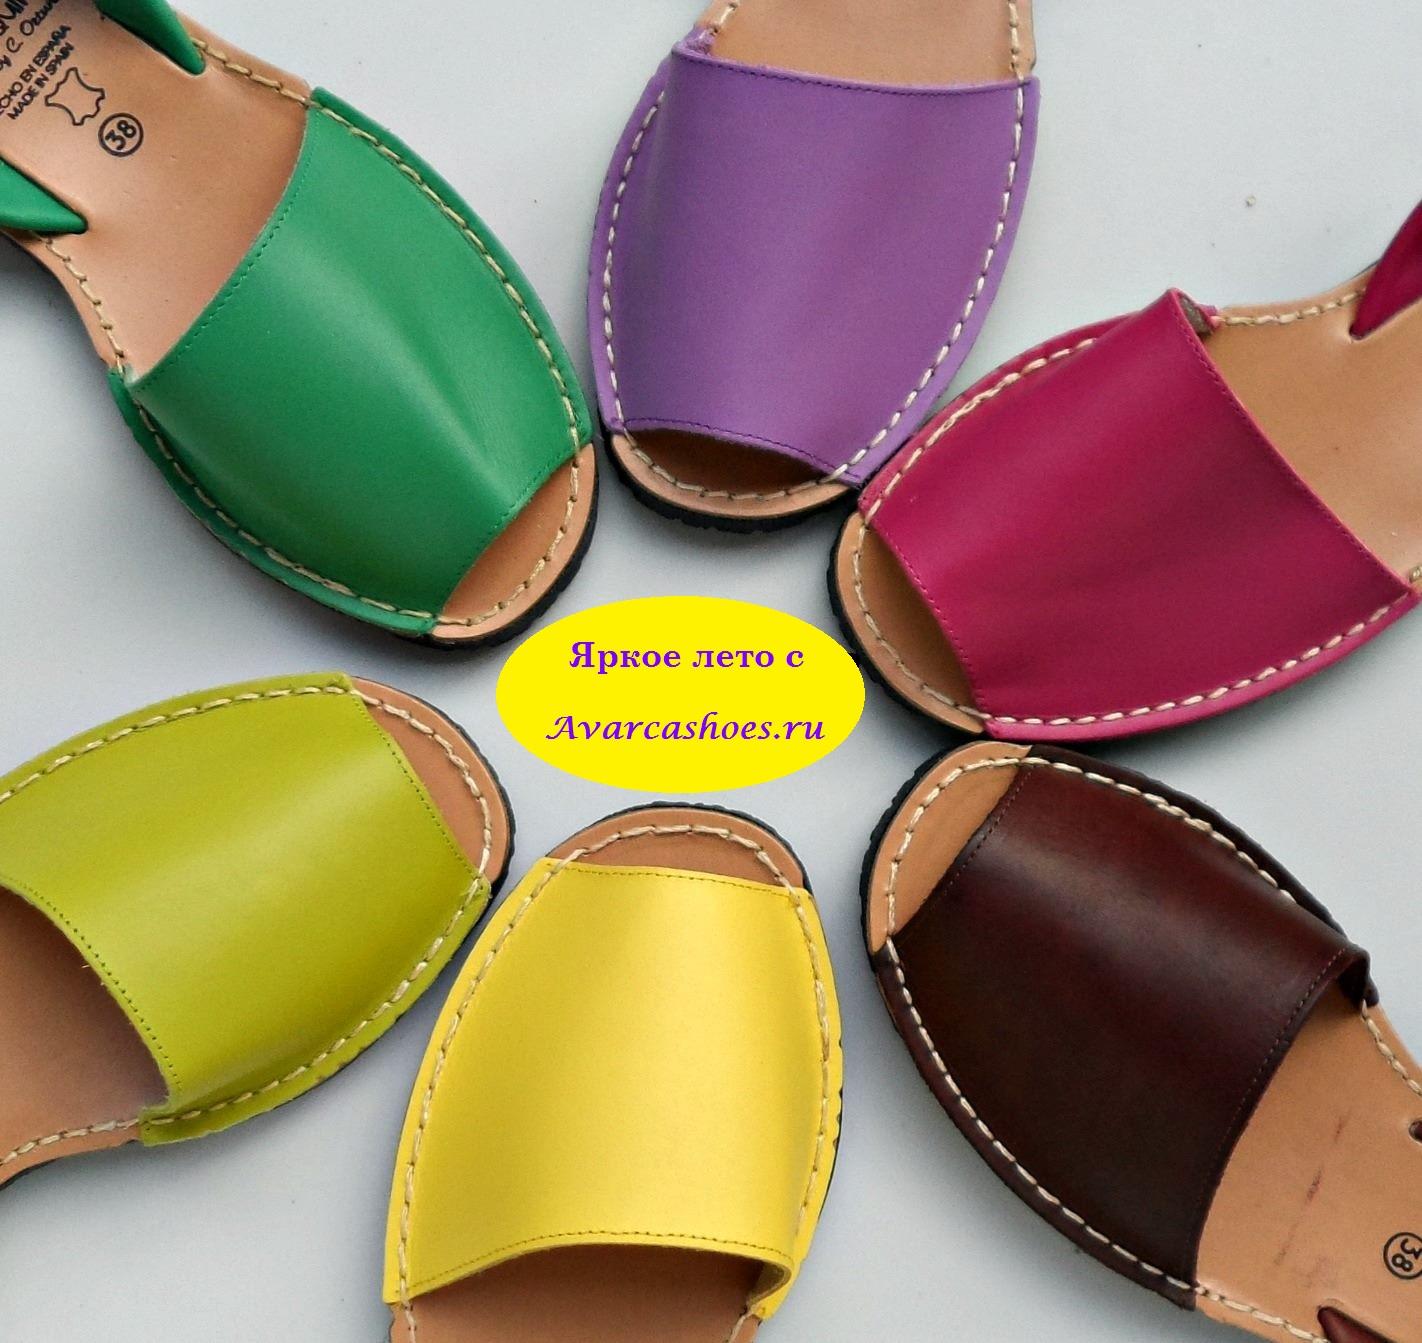 Сбор заказов. Абаркасы - легендарные испанские летни сандалии для детей и взрослых, а также другая обувь из натуральной кожи с фабрик Испании. Без рядов. Новые расцветки! 4 выкуп.